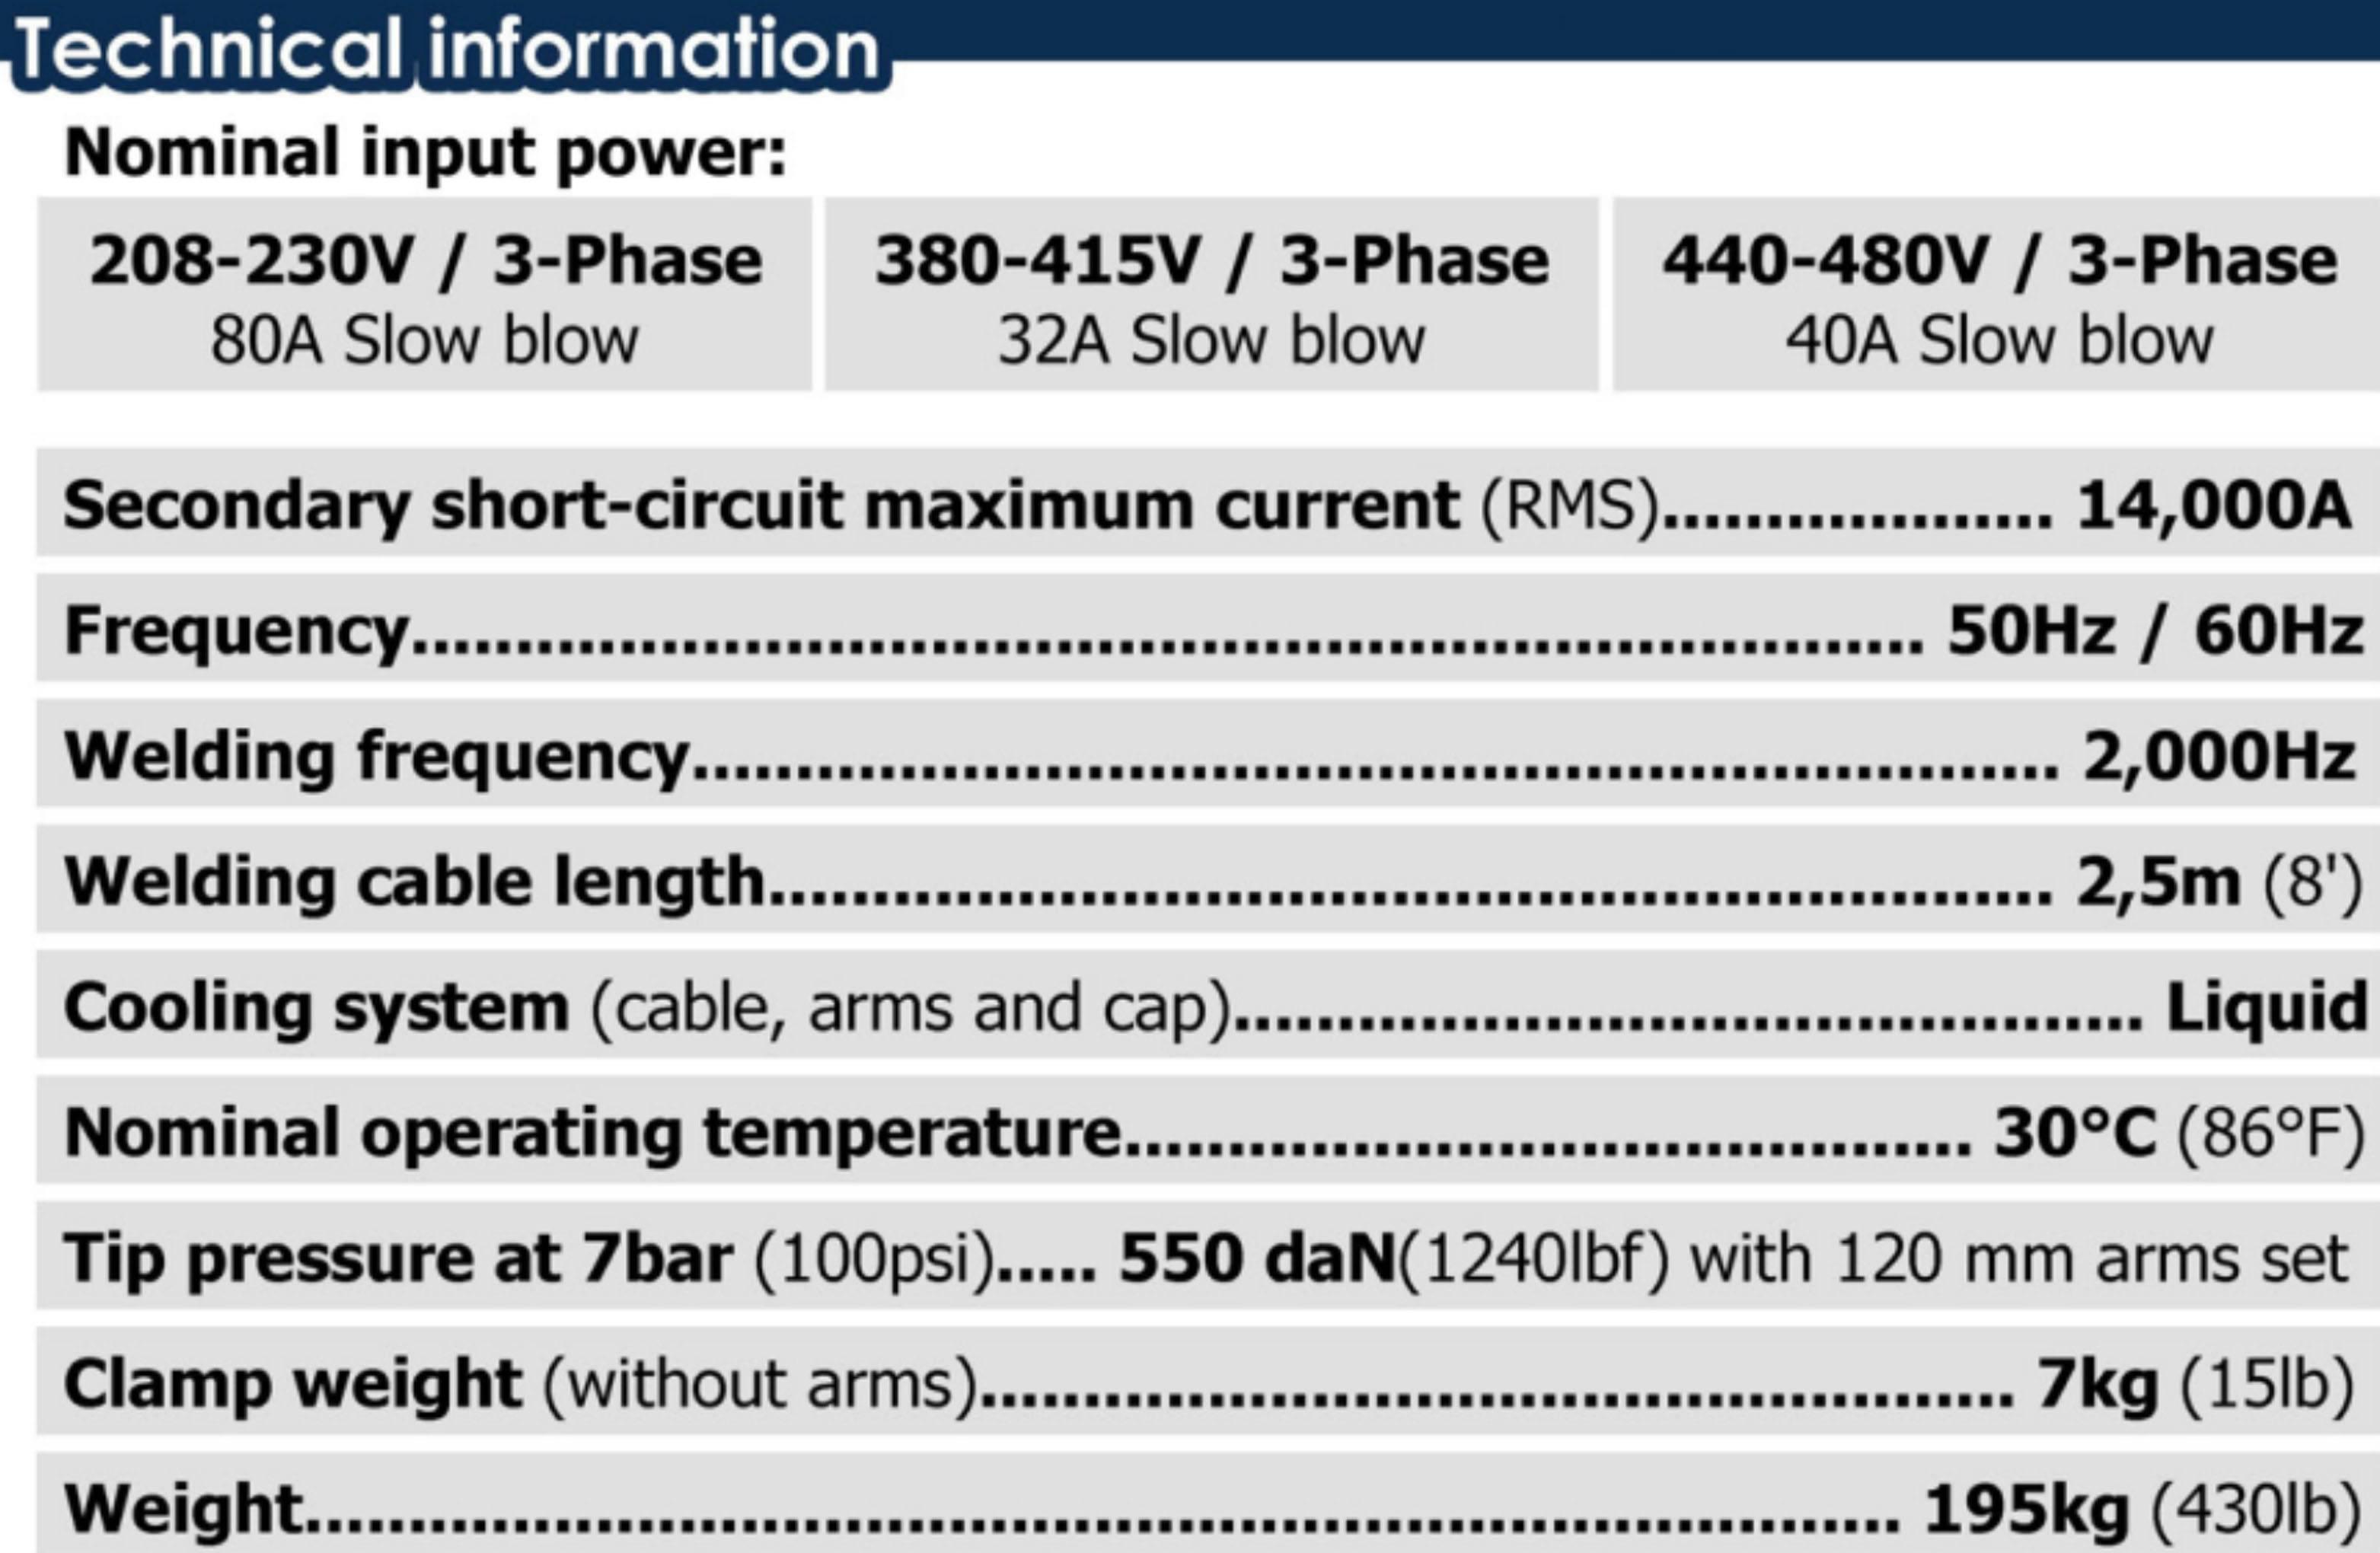 amh800hf-3.jpg